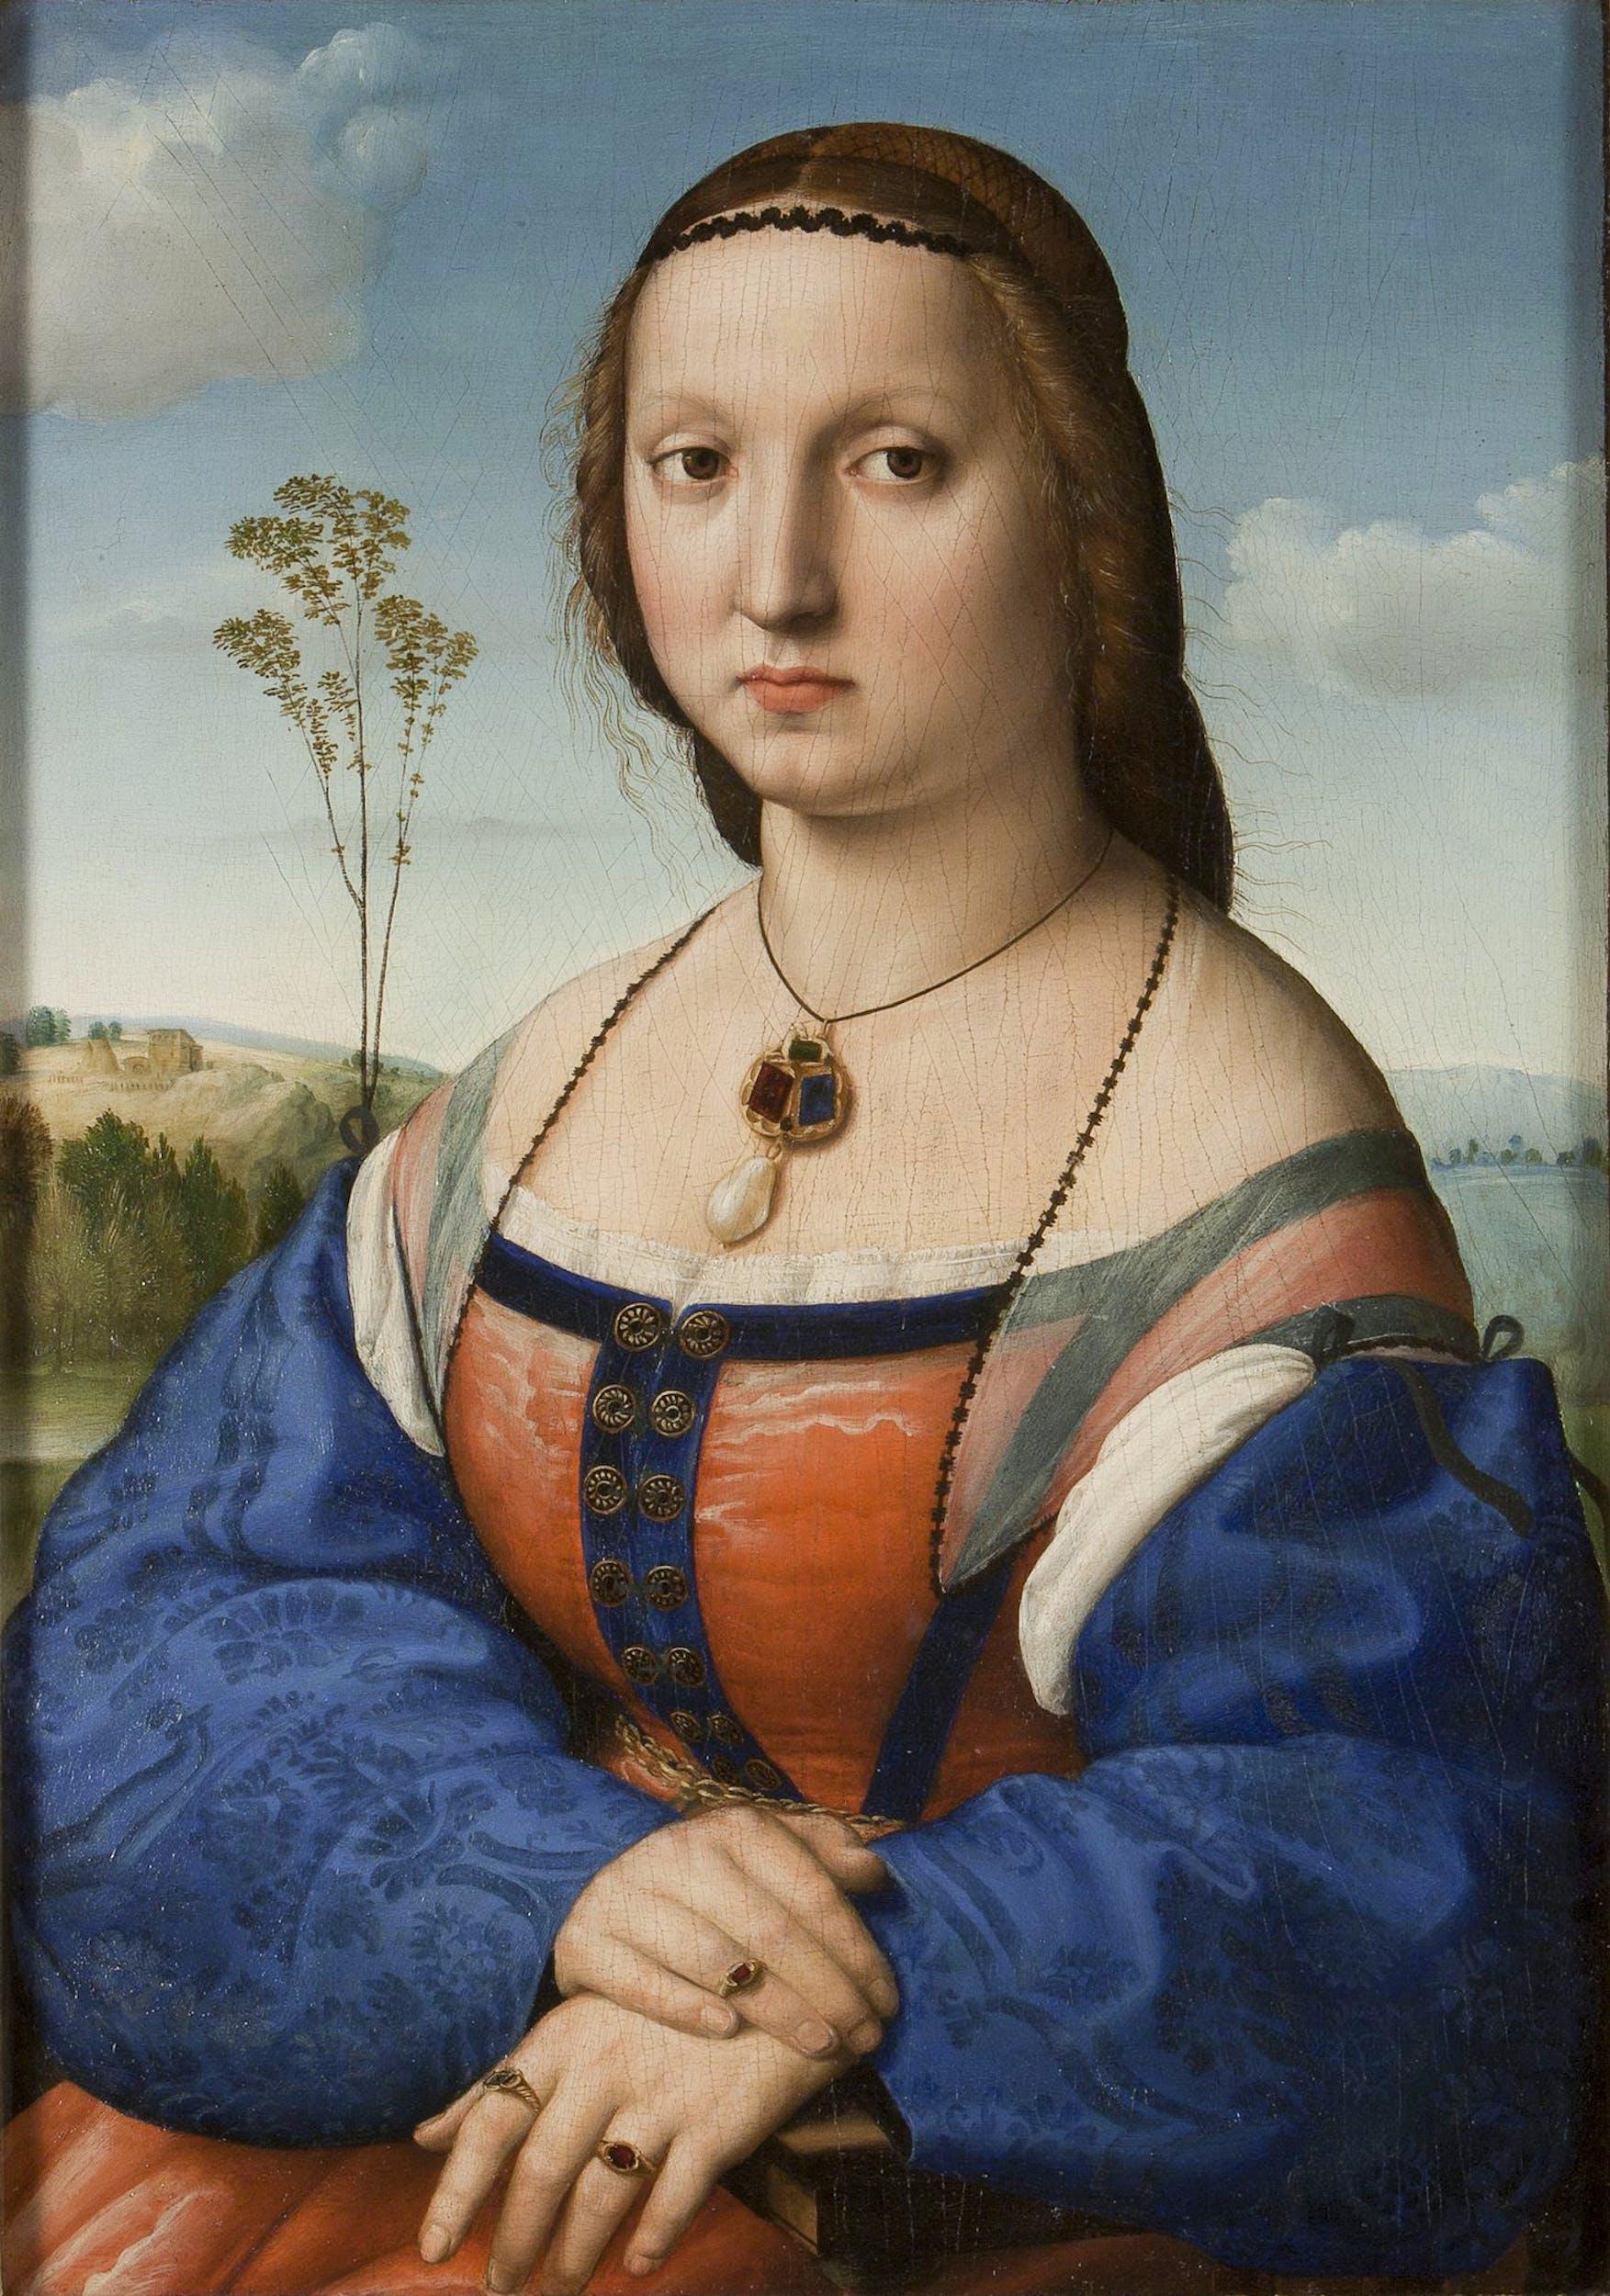 Raffaello, Ritratto di Maddalena Doni, 1505-1506, Firenze, Gallerie degli Uffizi.